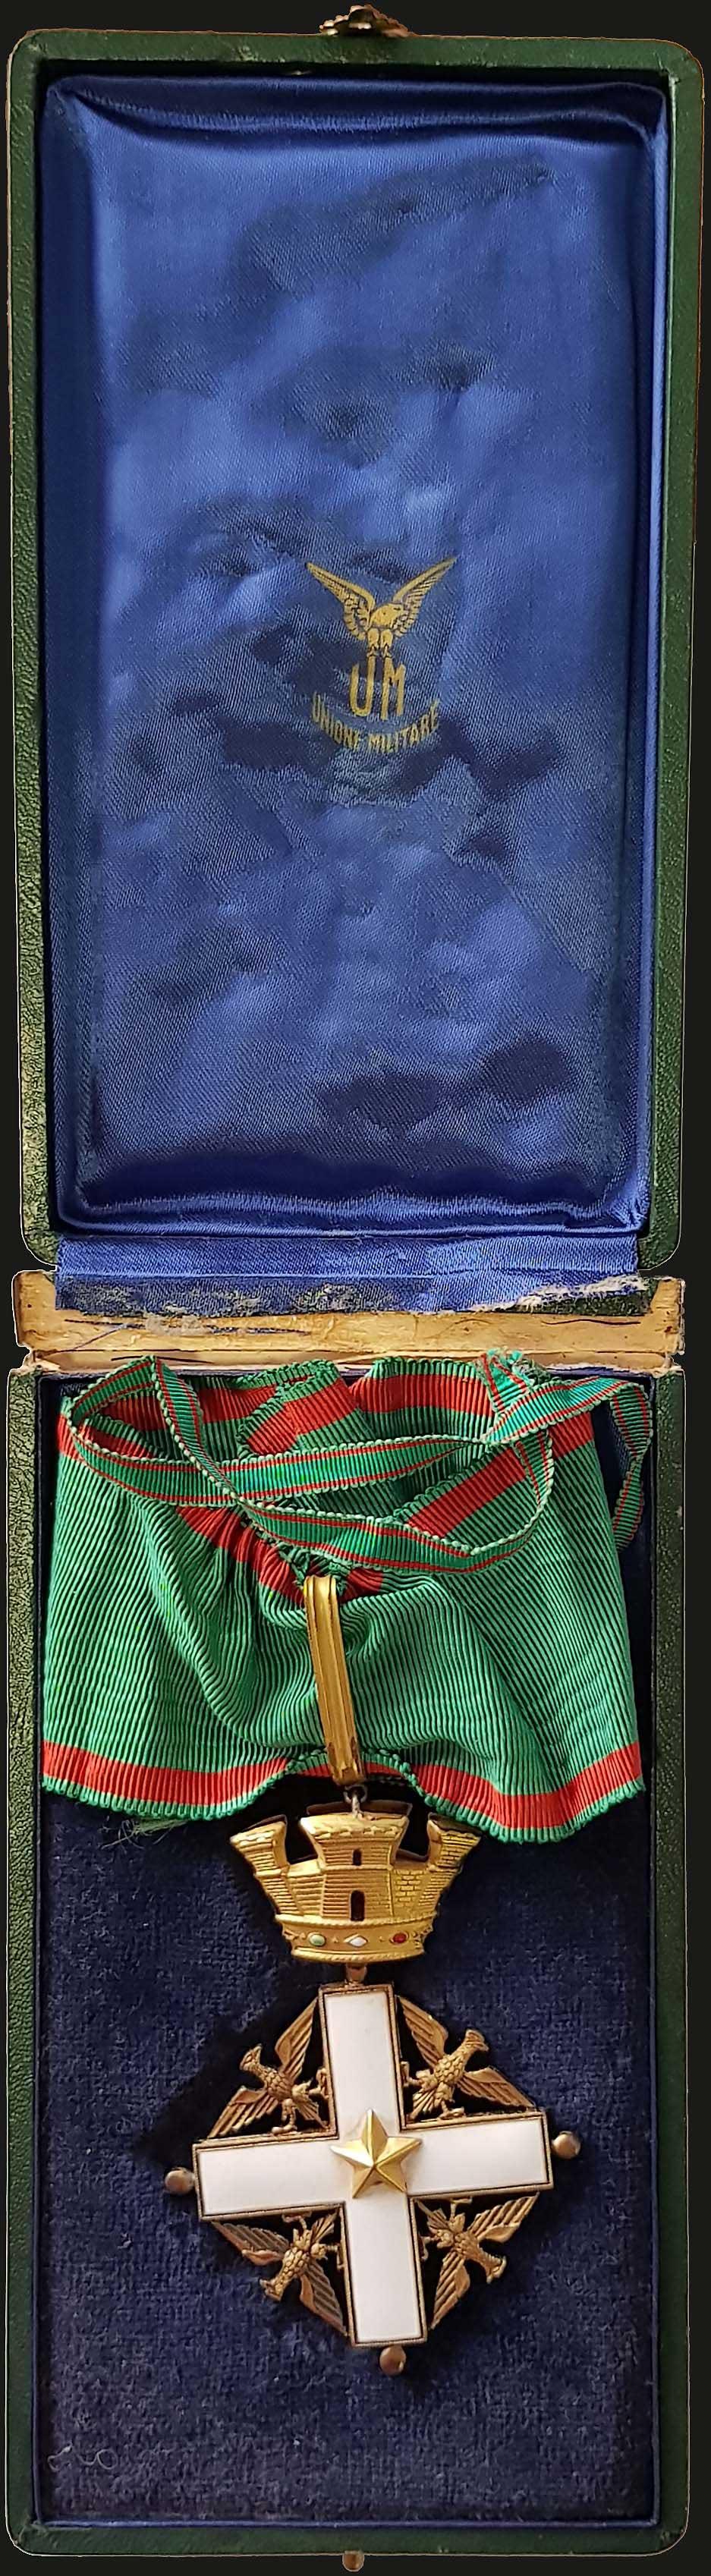 Lot 6991 - -  MEDALS & DECORATIONS FOREIGN MEDALS & DECORATIONS -  A. Karamitsos Public & Live Bid Auction 636 Coins, Medals & Banknotes